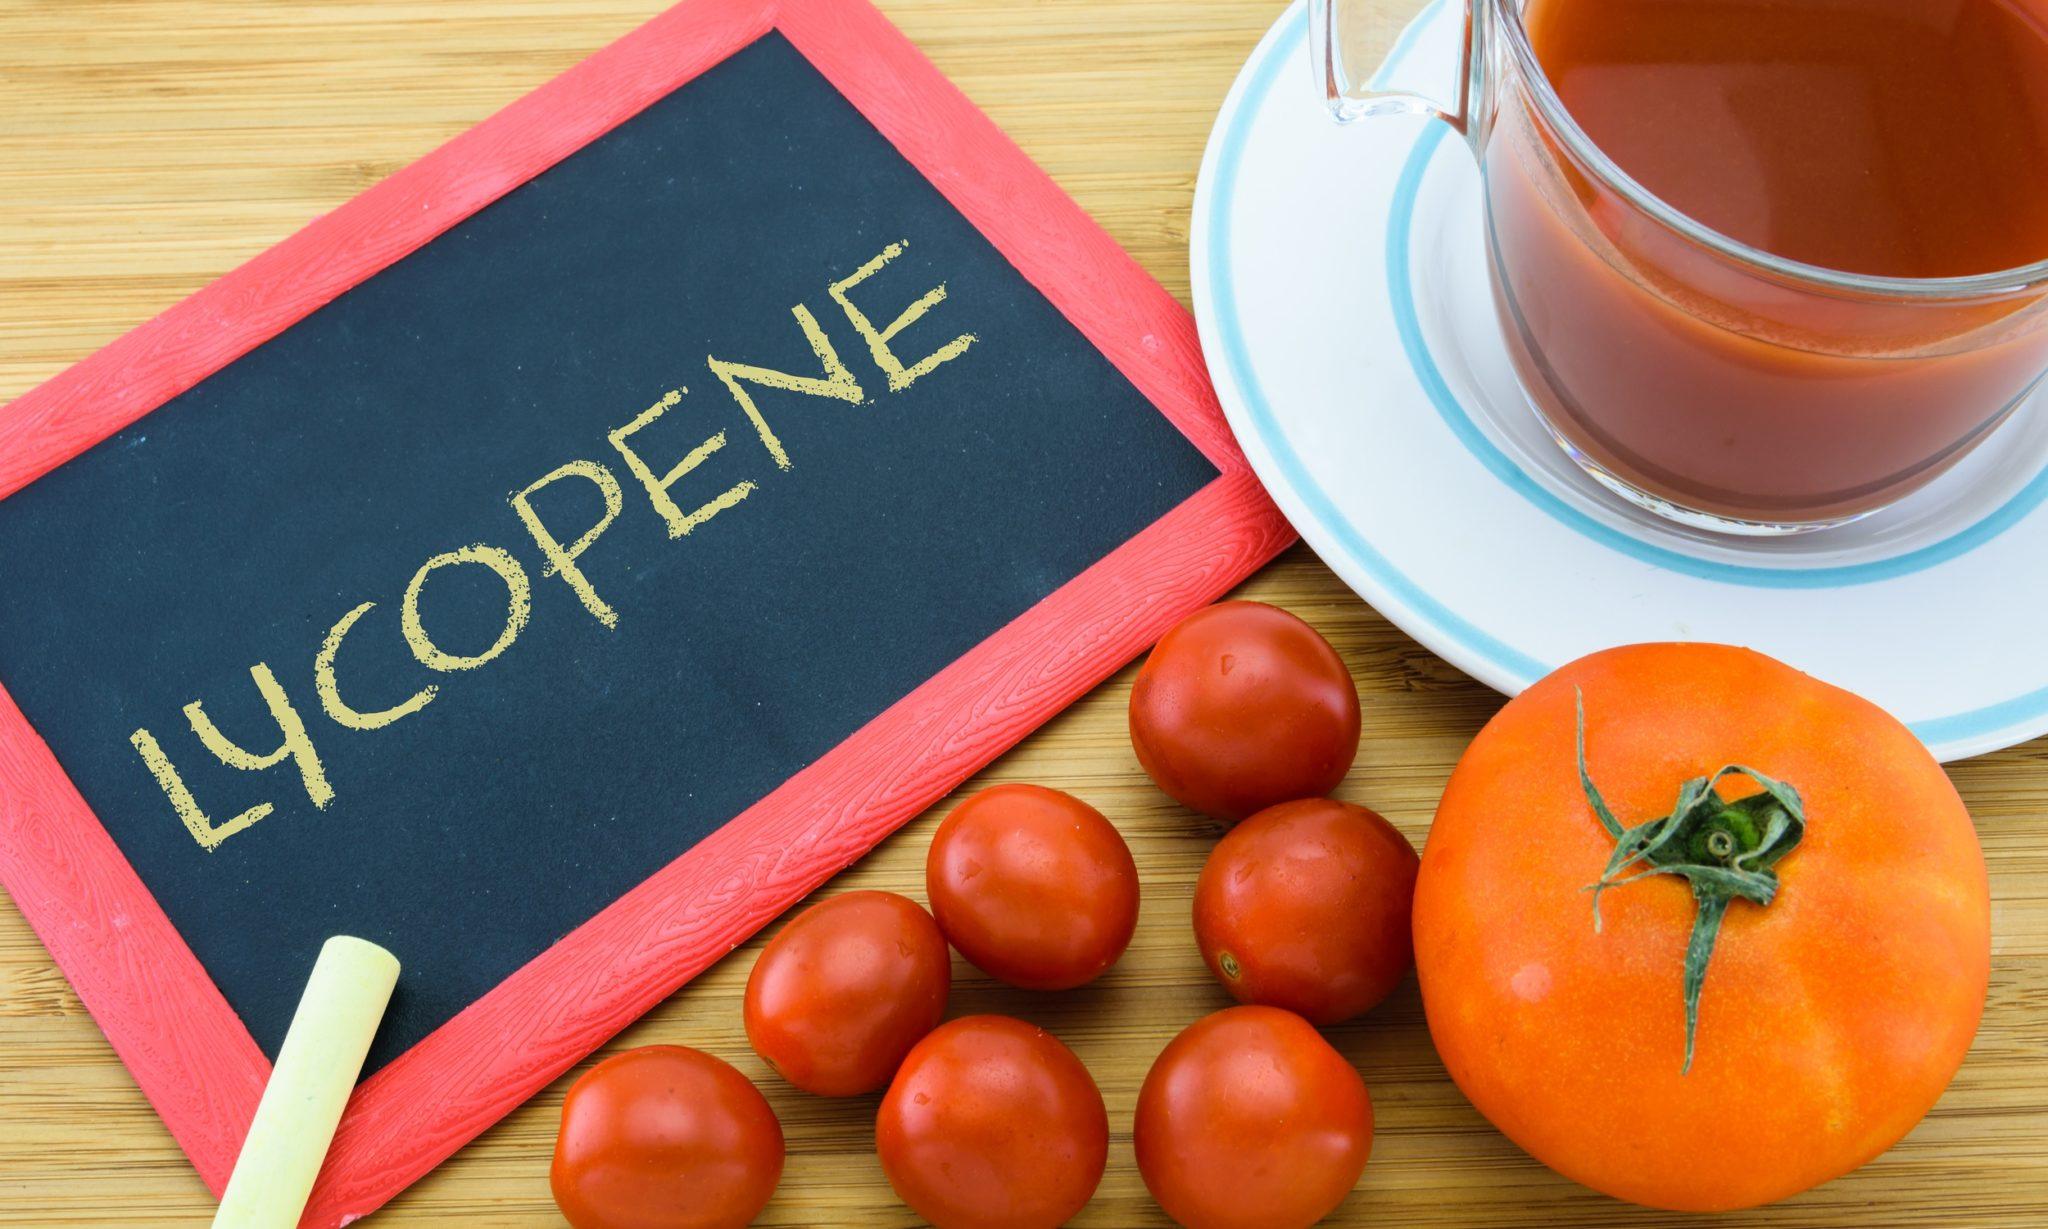 Ликопин : свойства, польза и содержание в продуктах | компетентно о здоровье на ilive